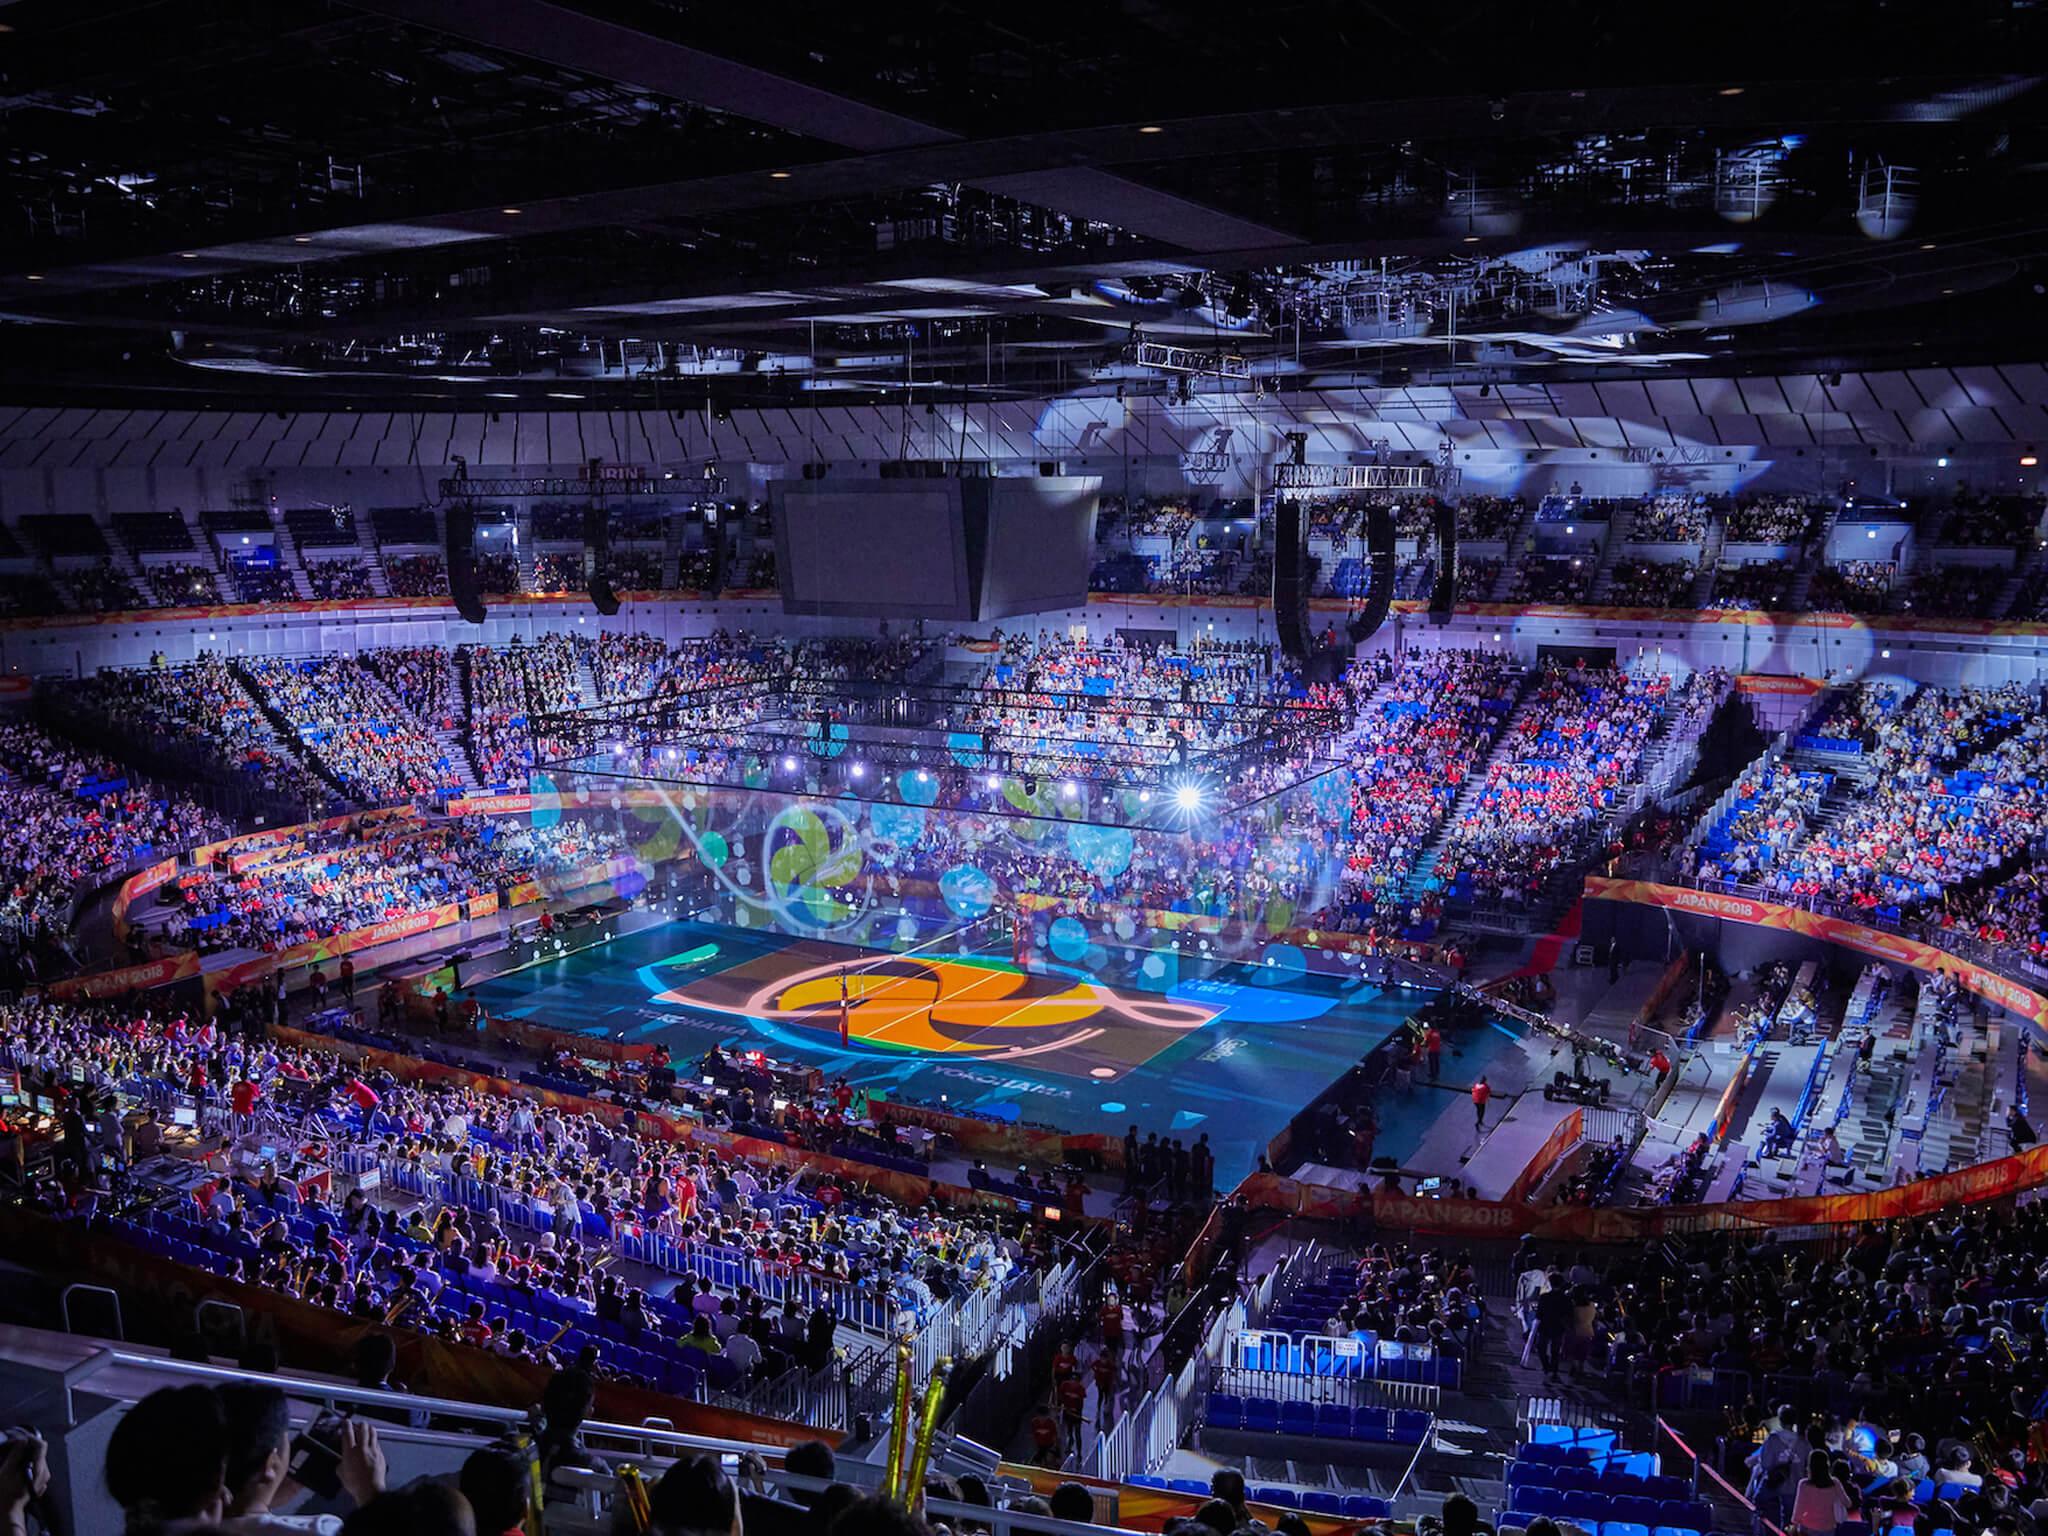 横浜アリーナ「2018世界バレー 女子大会」開幕セレモニーを演出